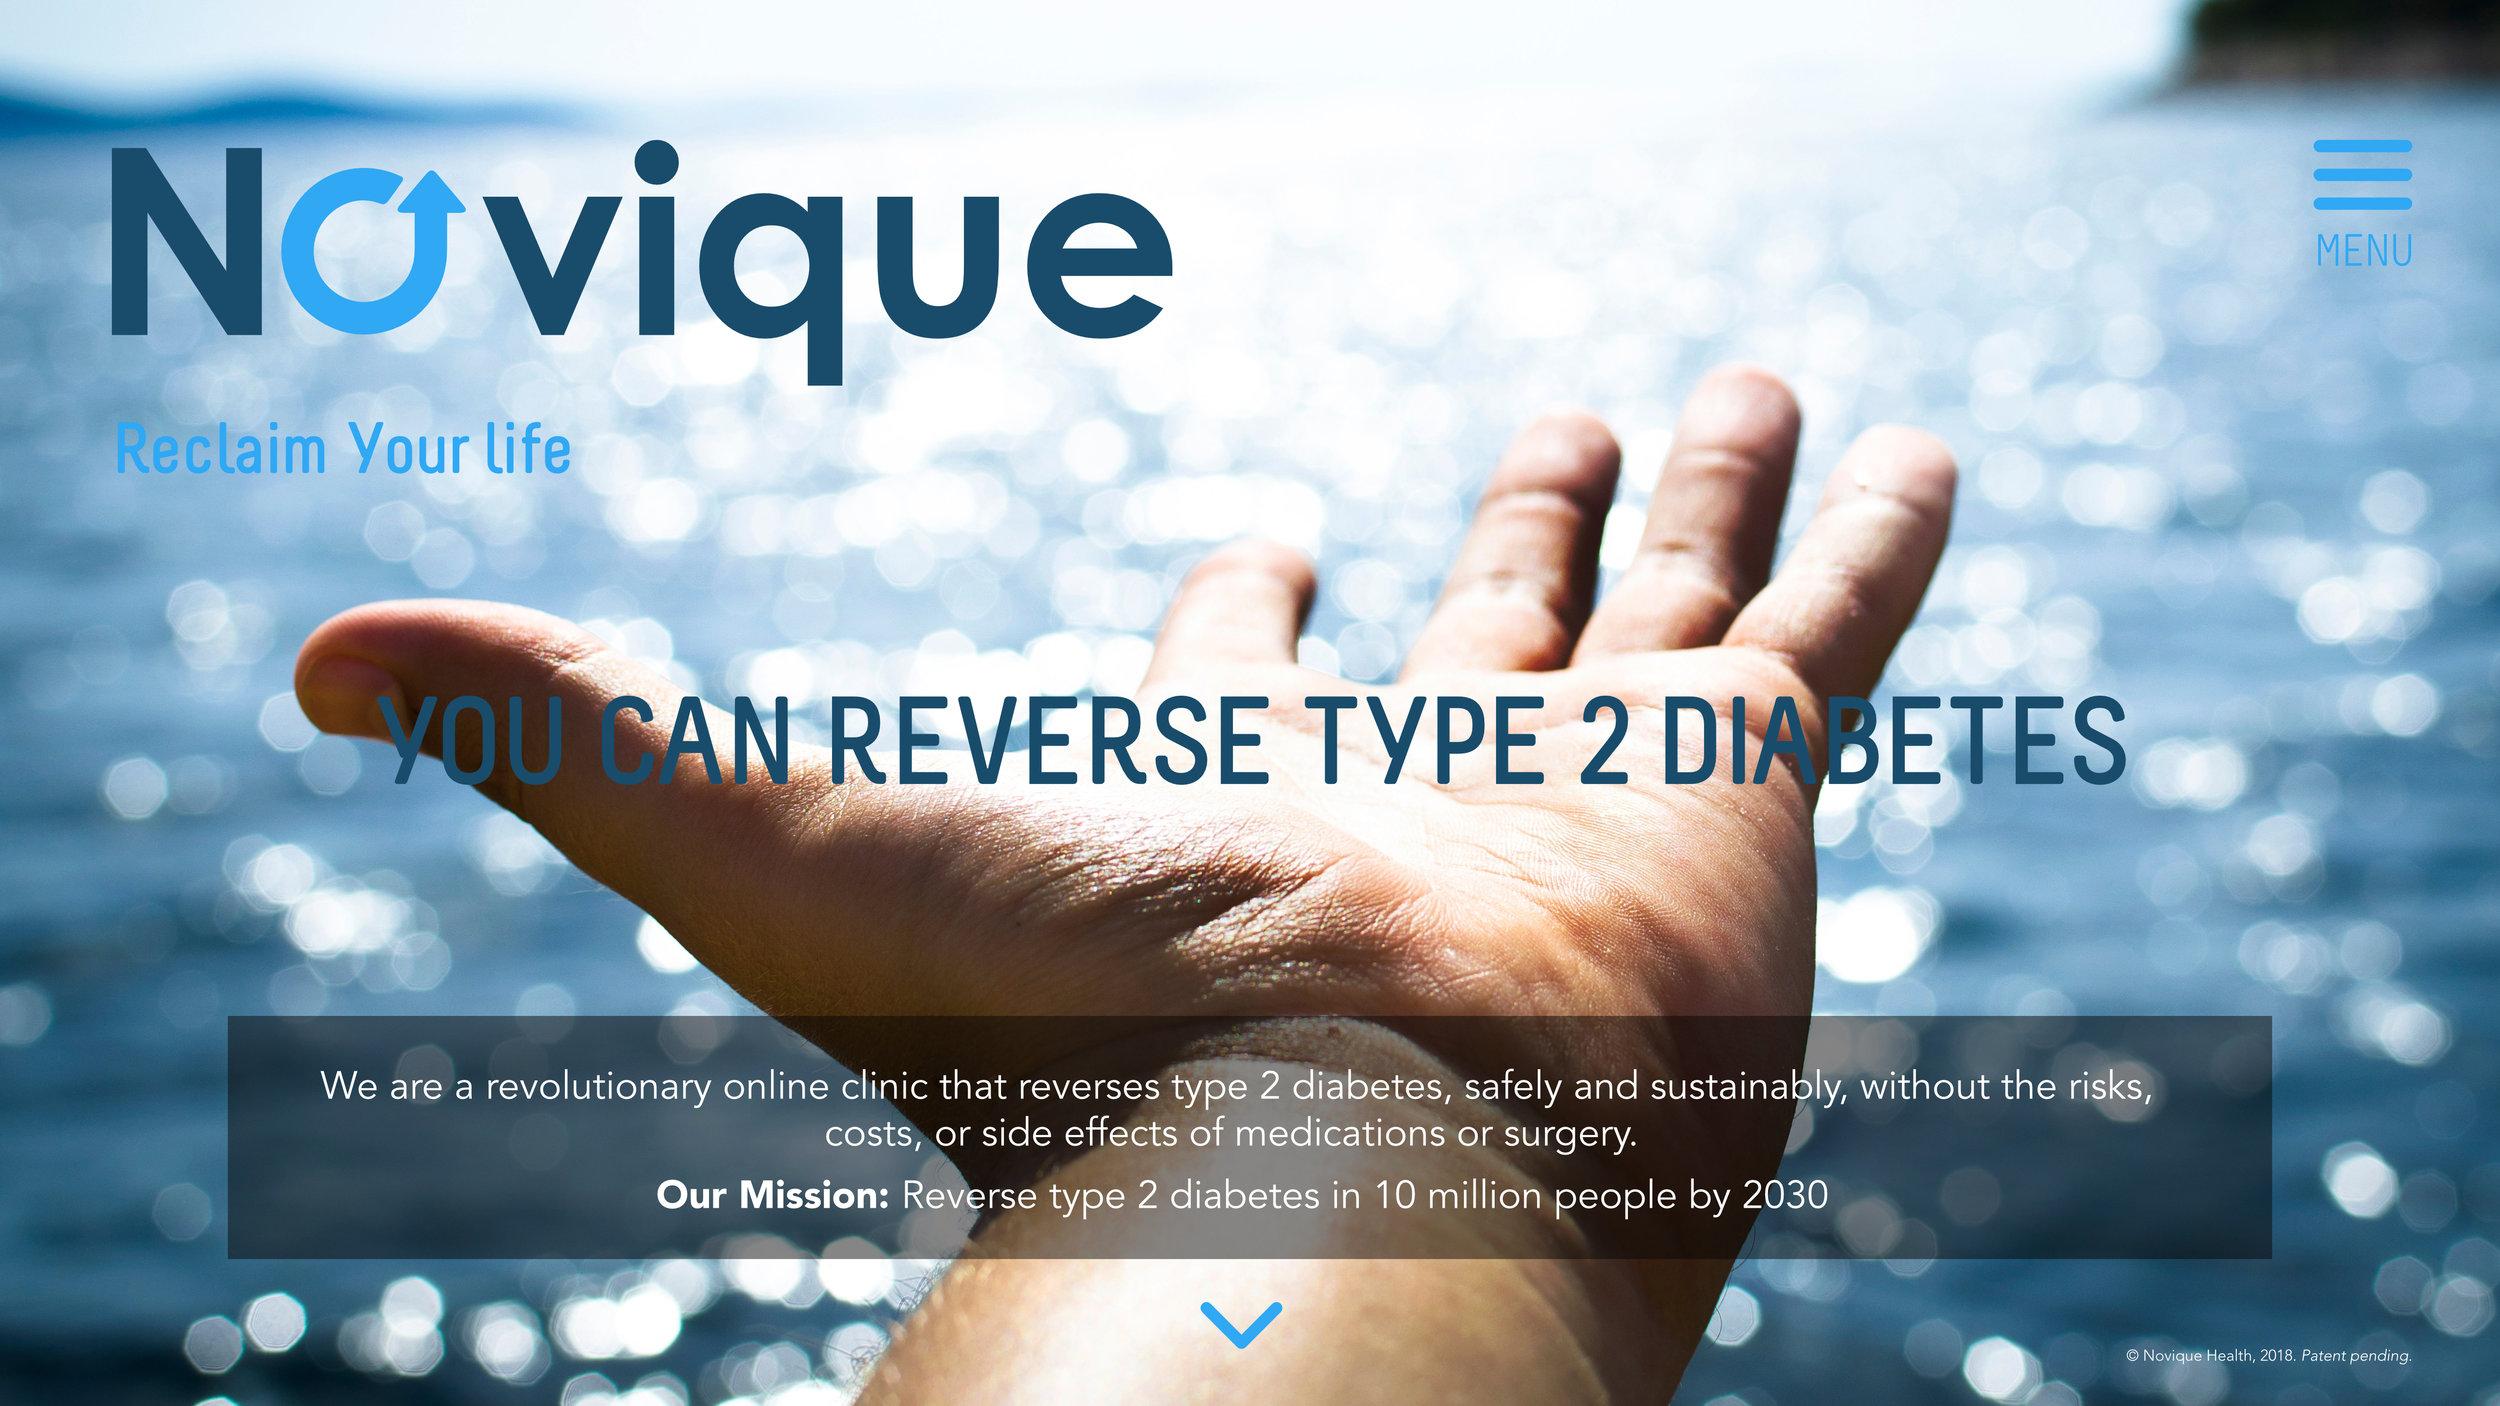 Novique Diabetes Reversal